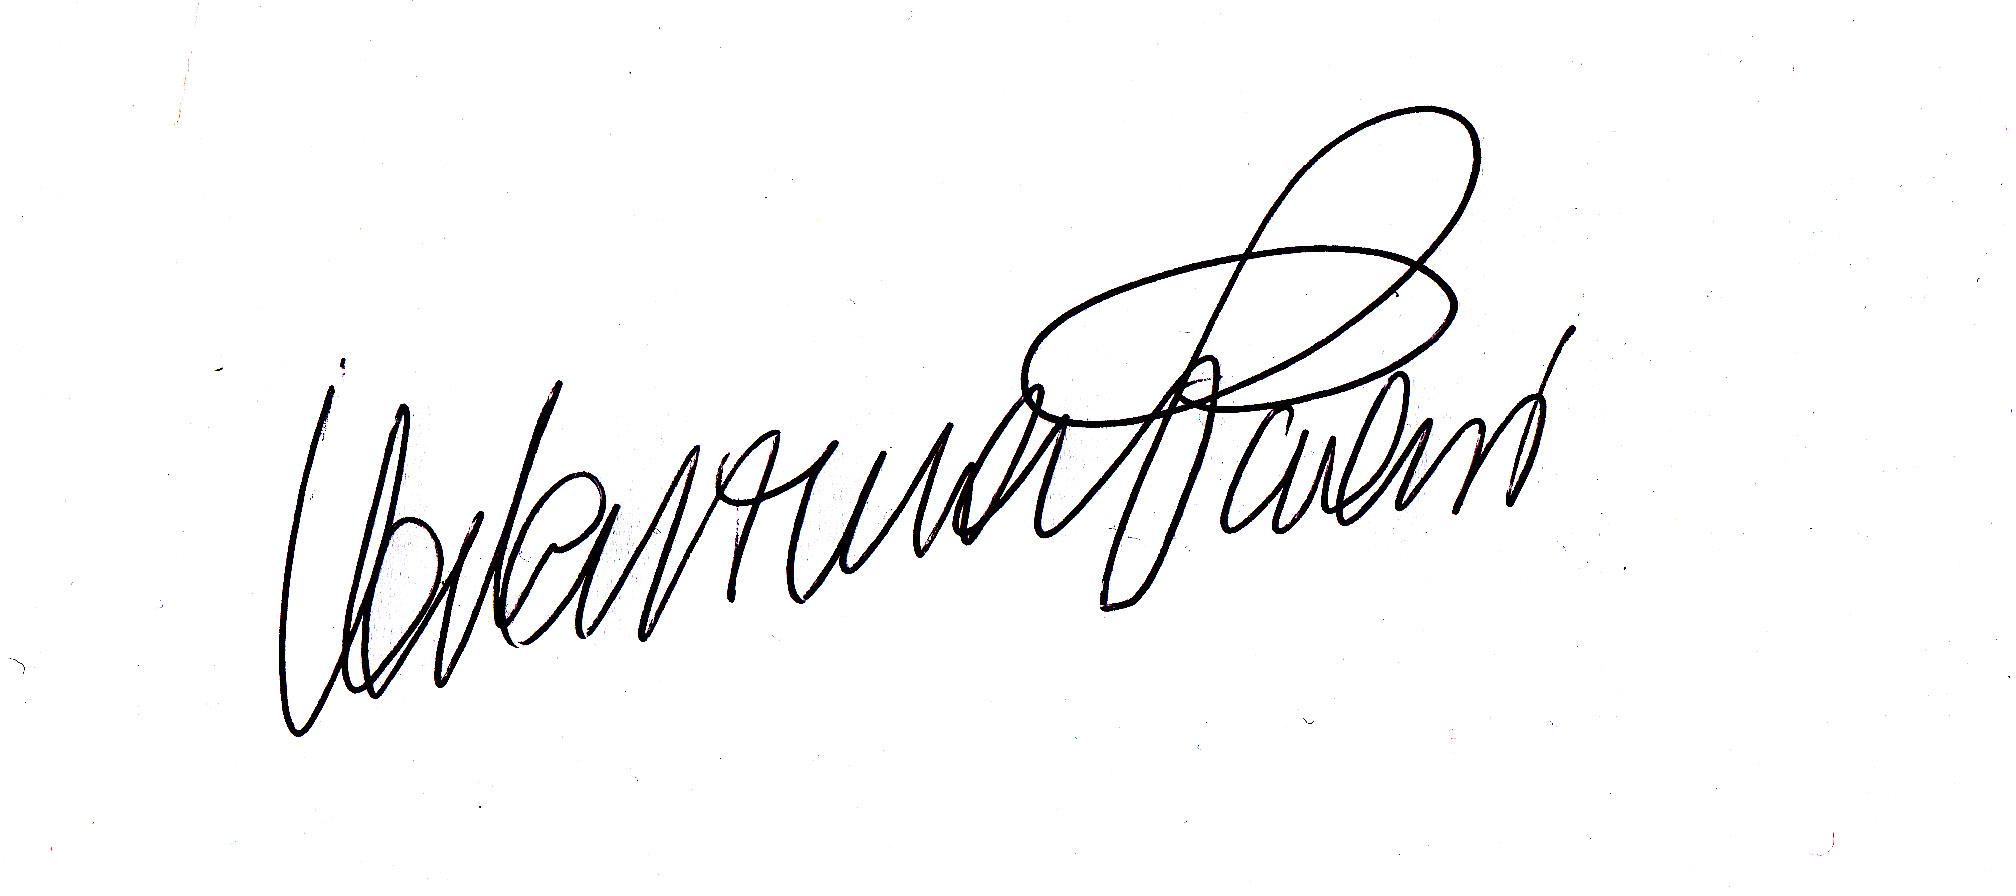 Valentina Paroni's Signature